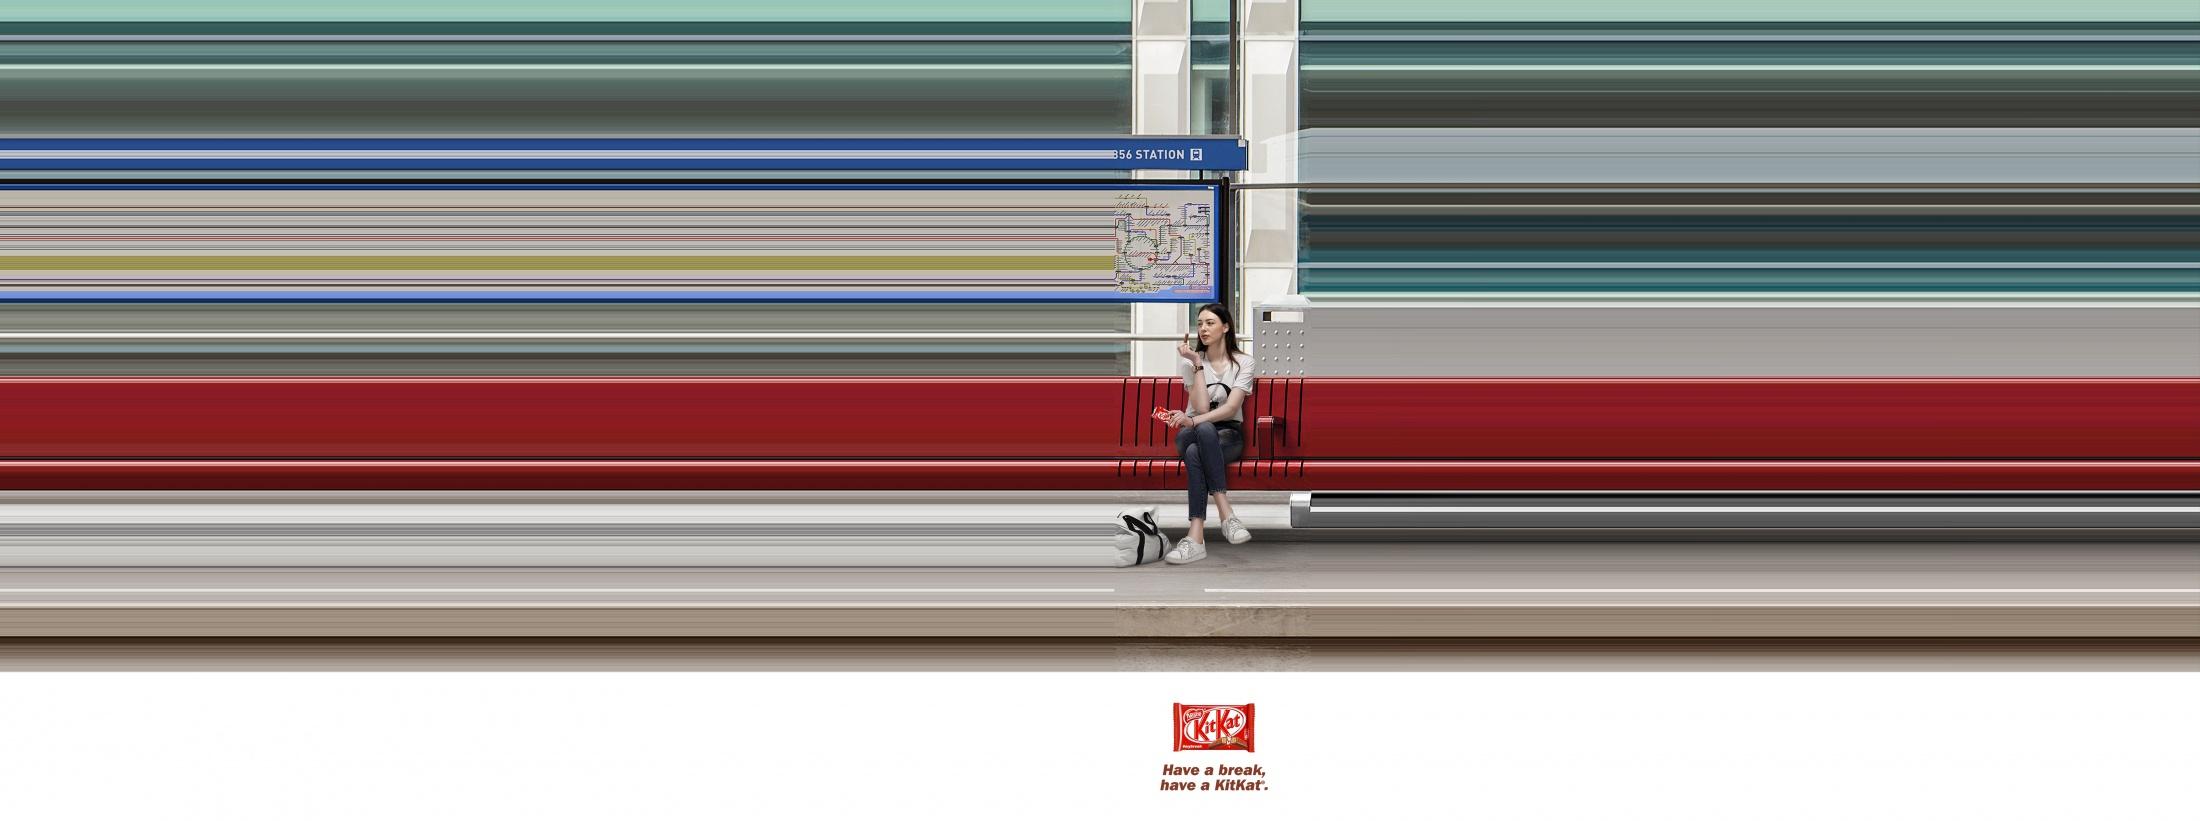 Thumbnail for Break The Speed: Metro station